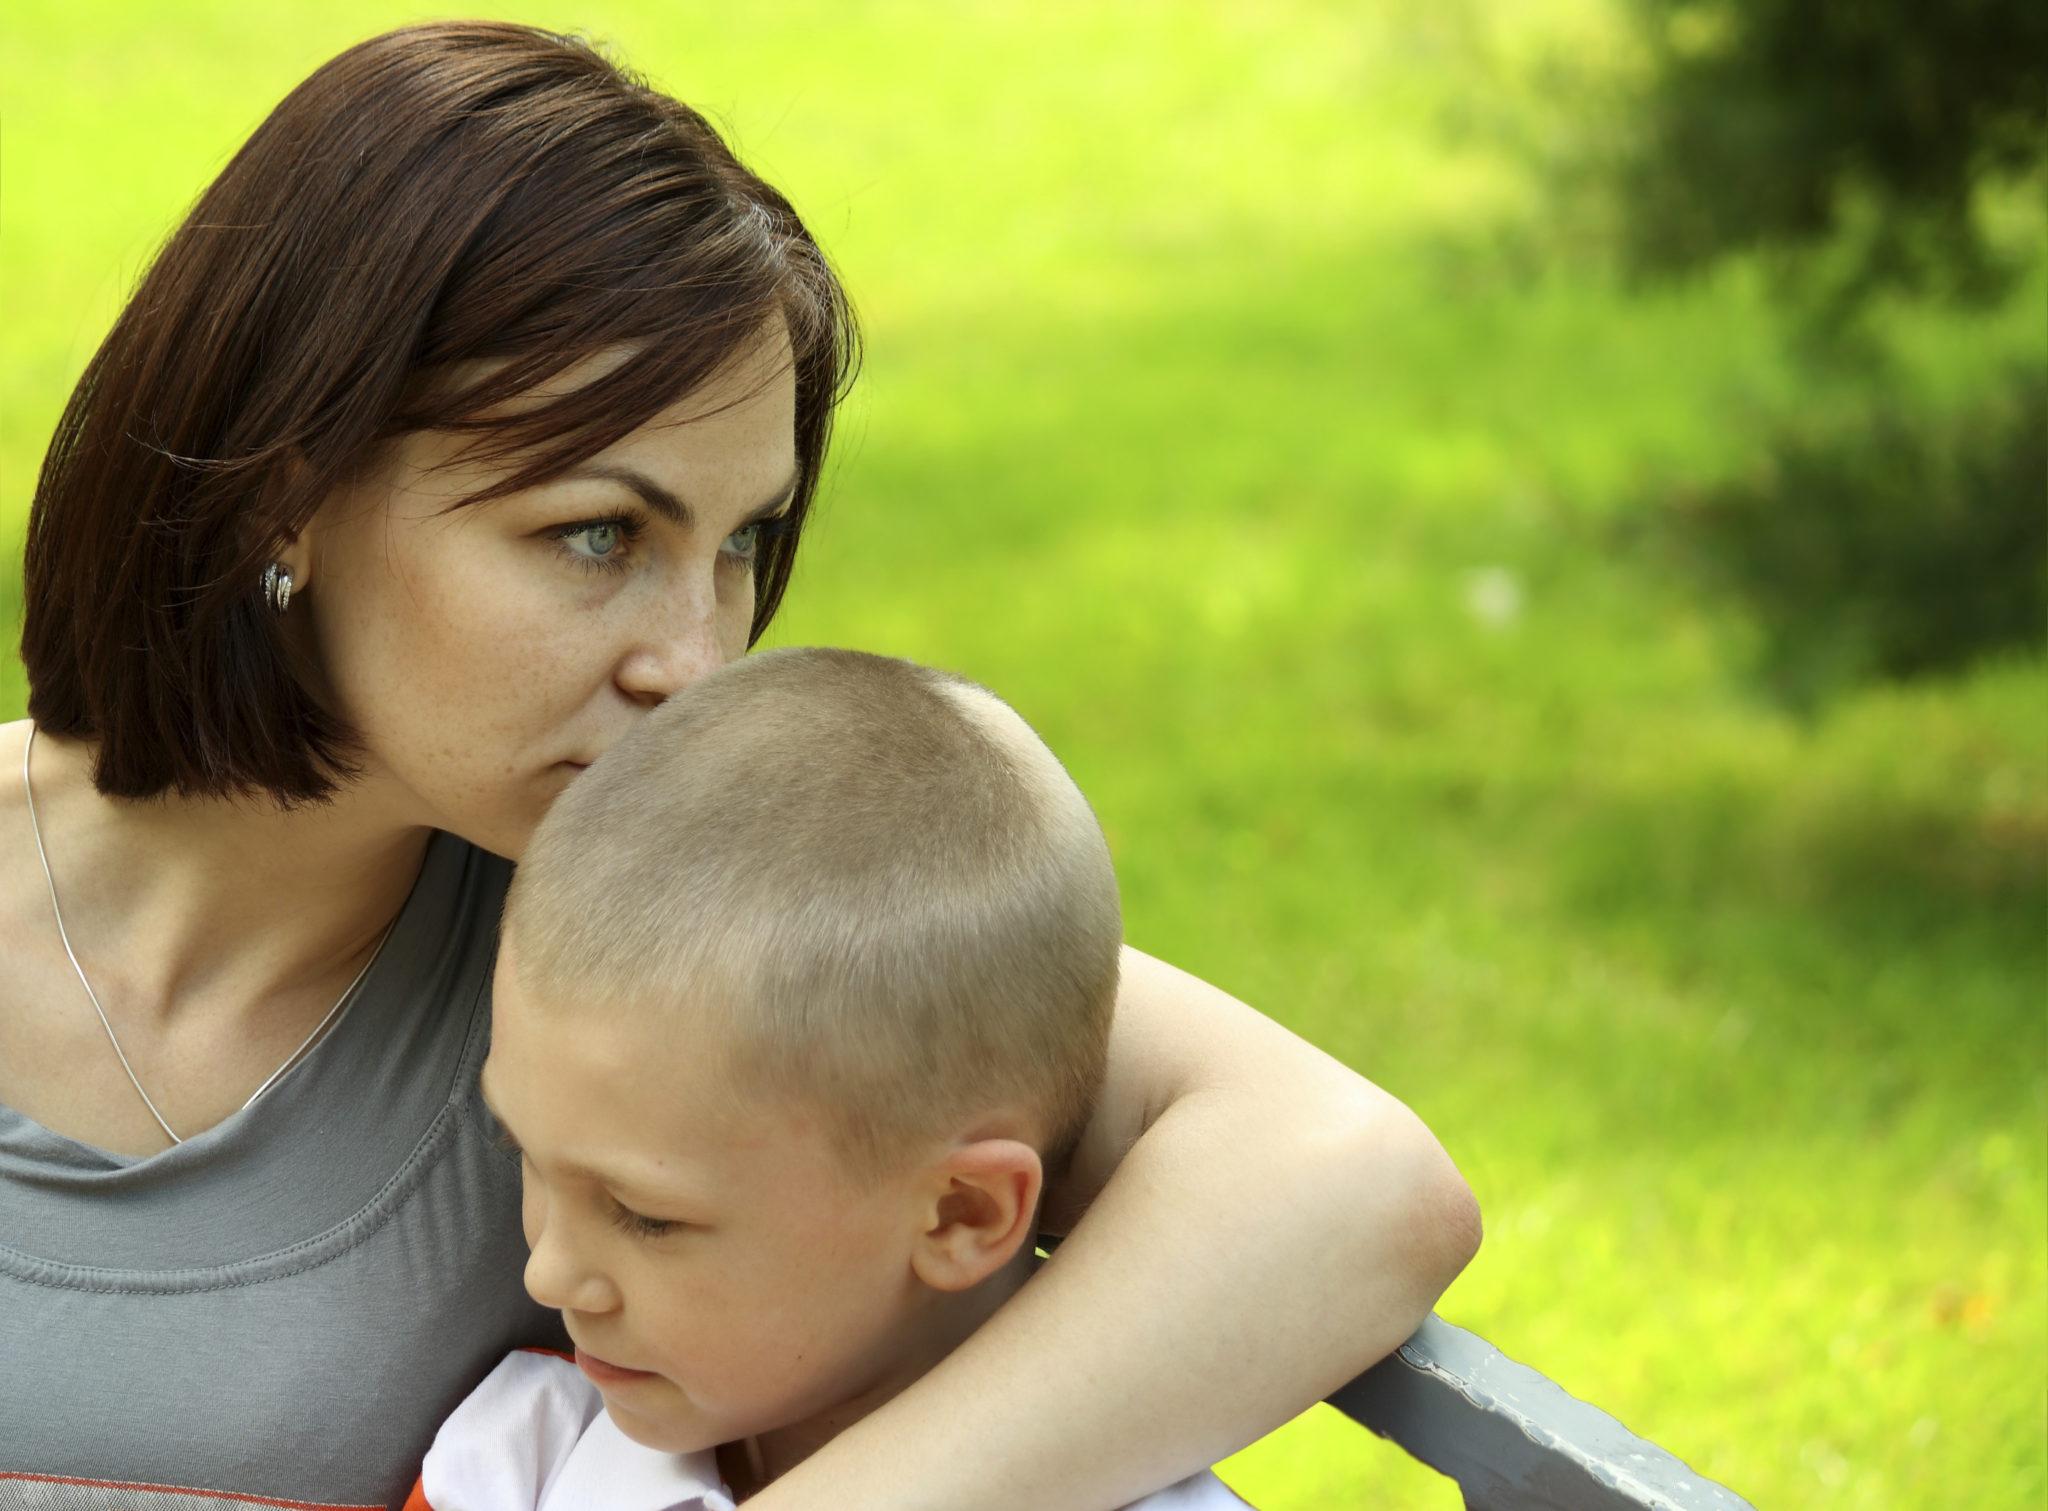 ¿Mamá me voy a morir? La ansiedad infantil asociada al miedo a las enfermedades.